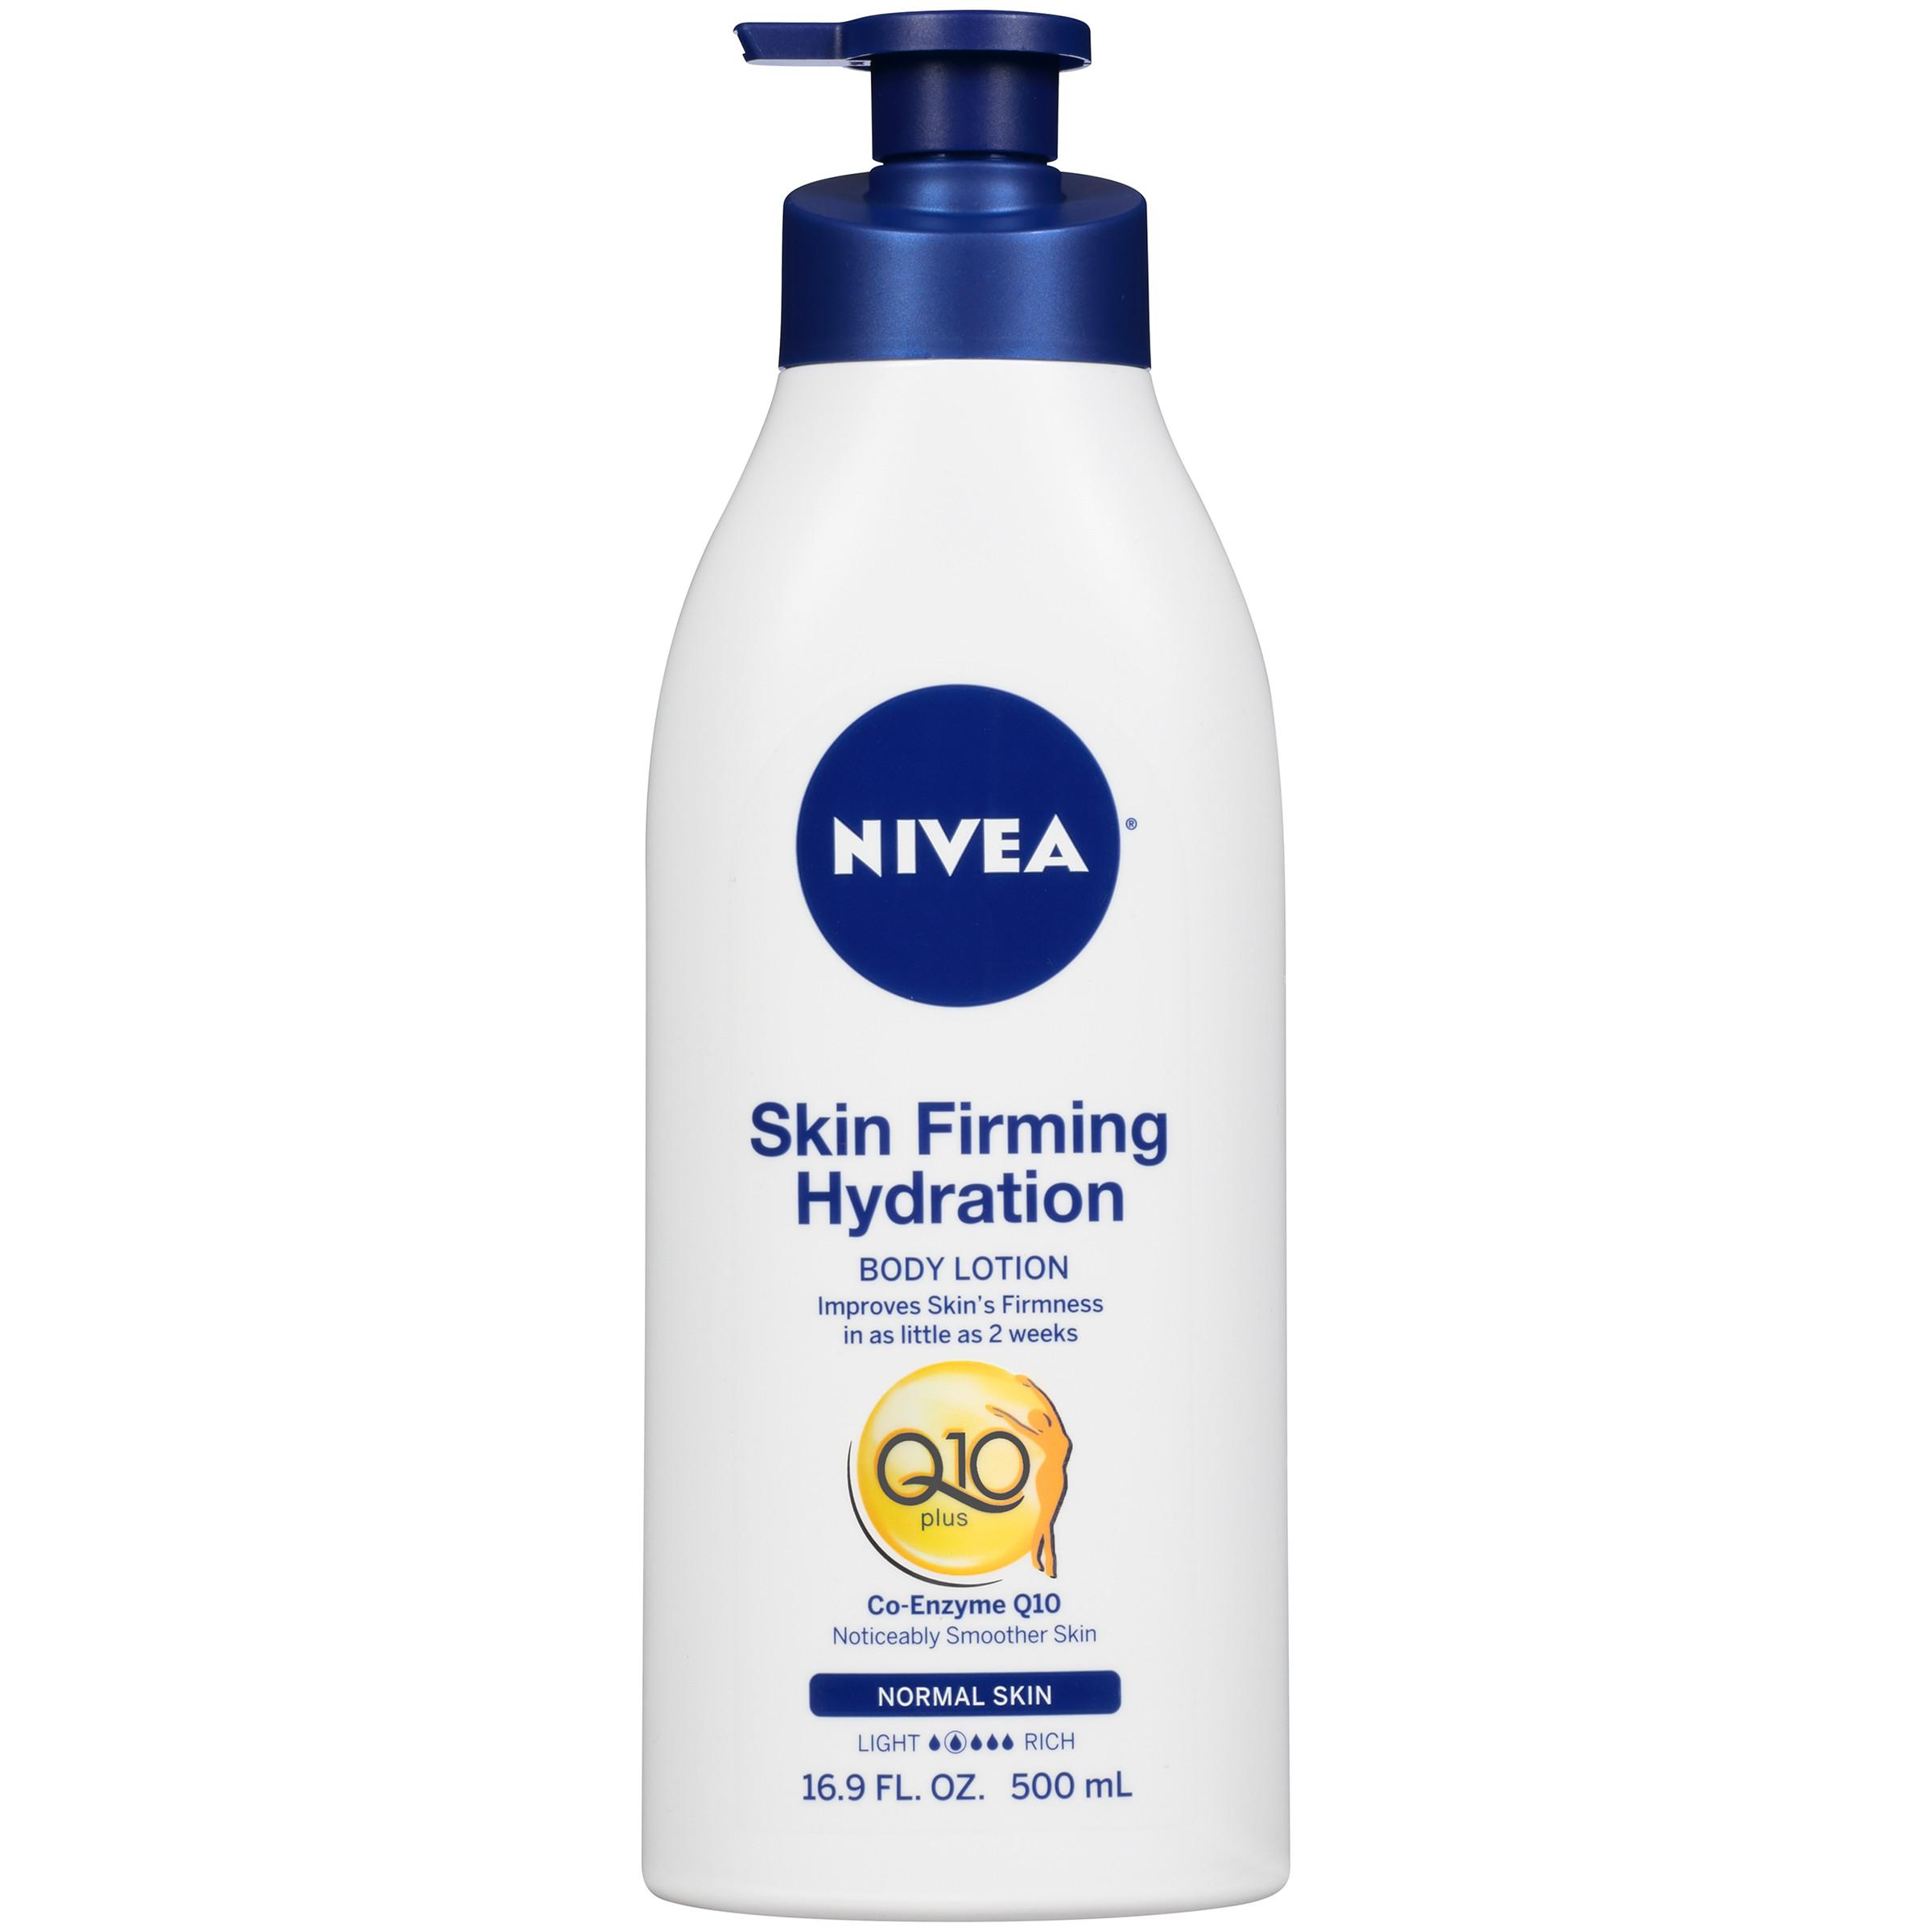 NIVEA Skin Firming Hydration Body Lotion 16.9 fl. oz. - Walmart.com